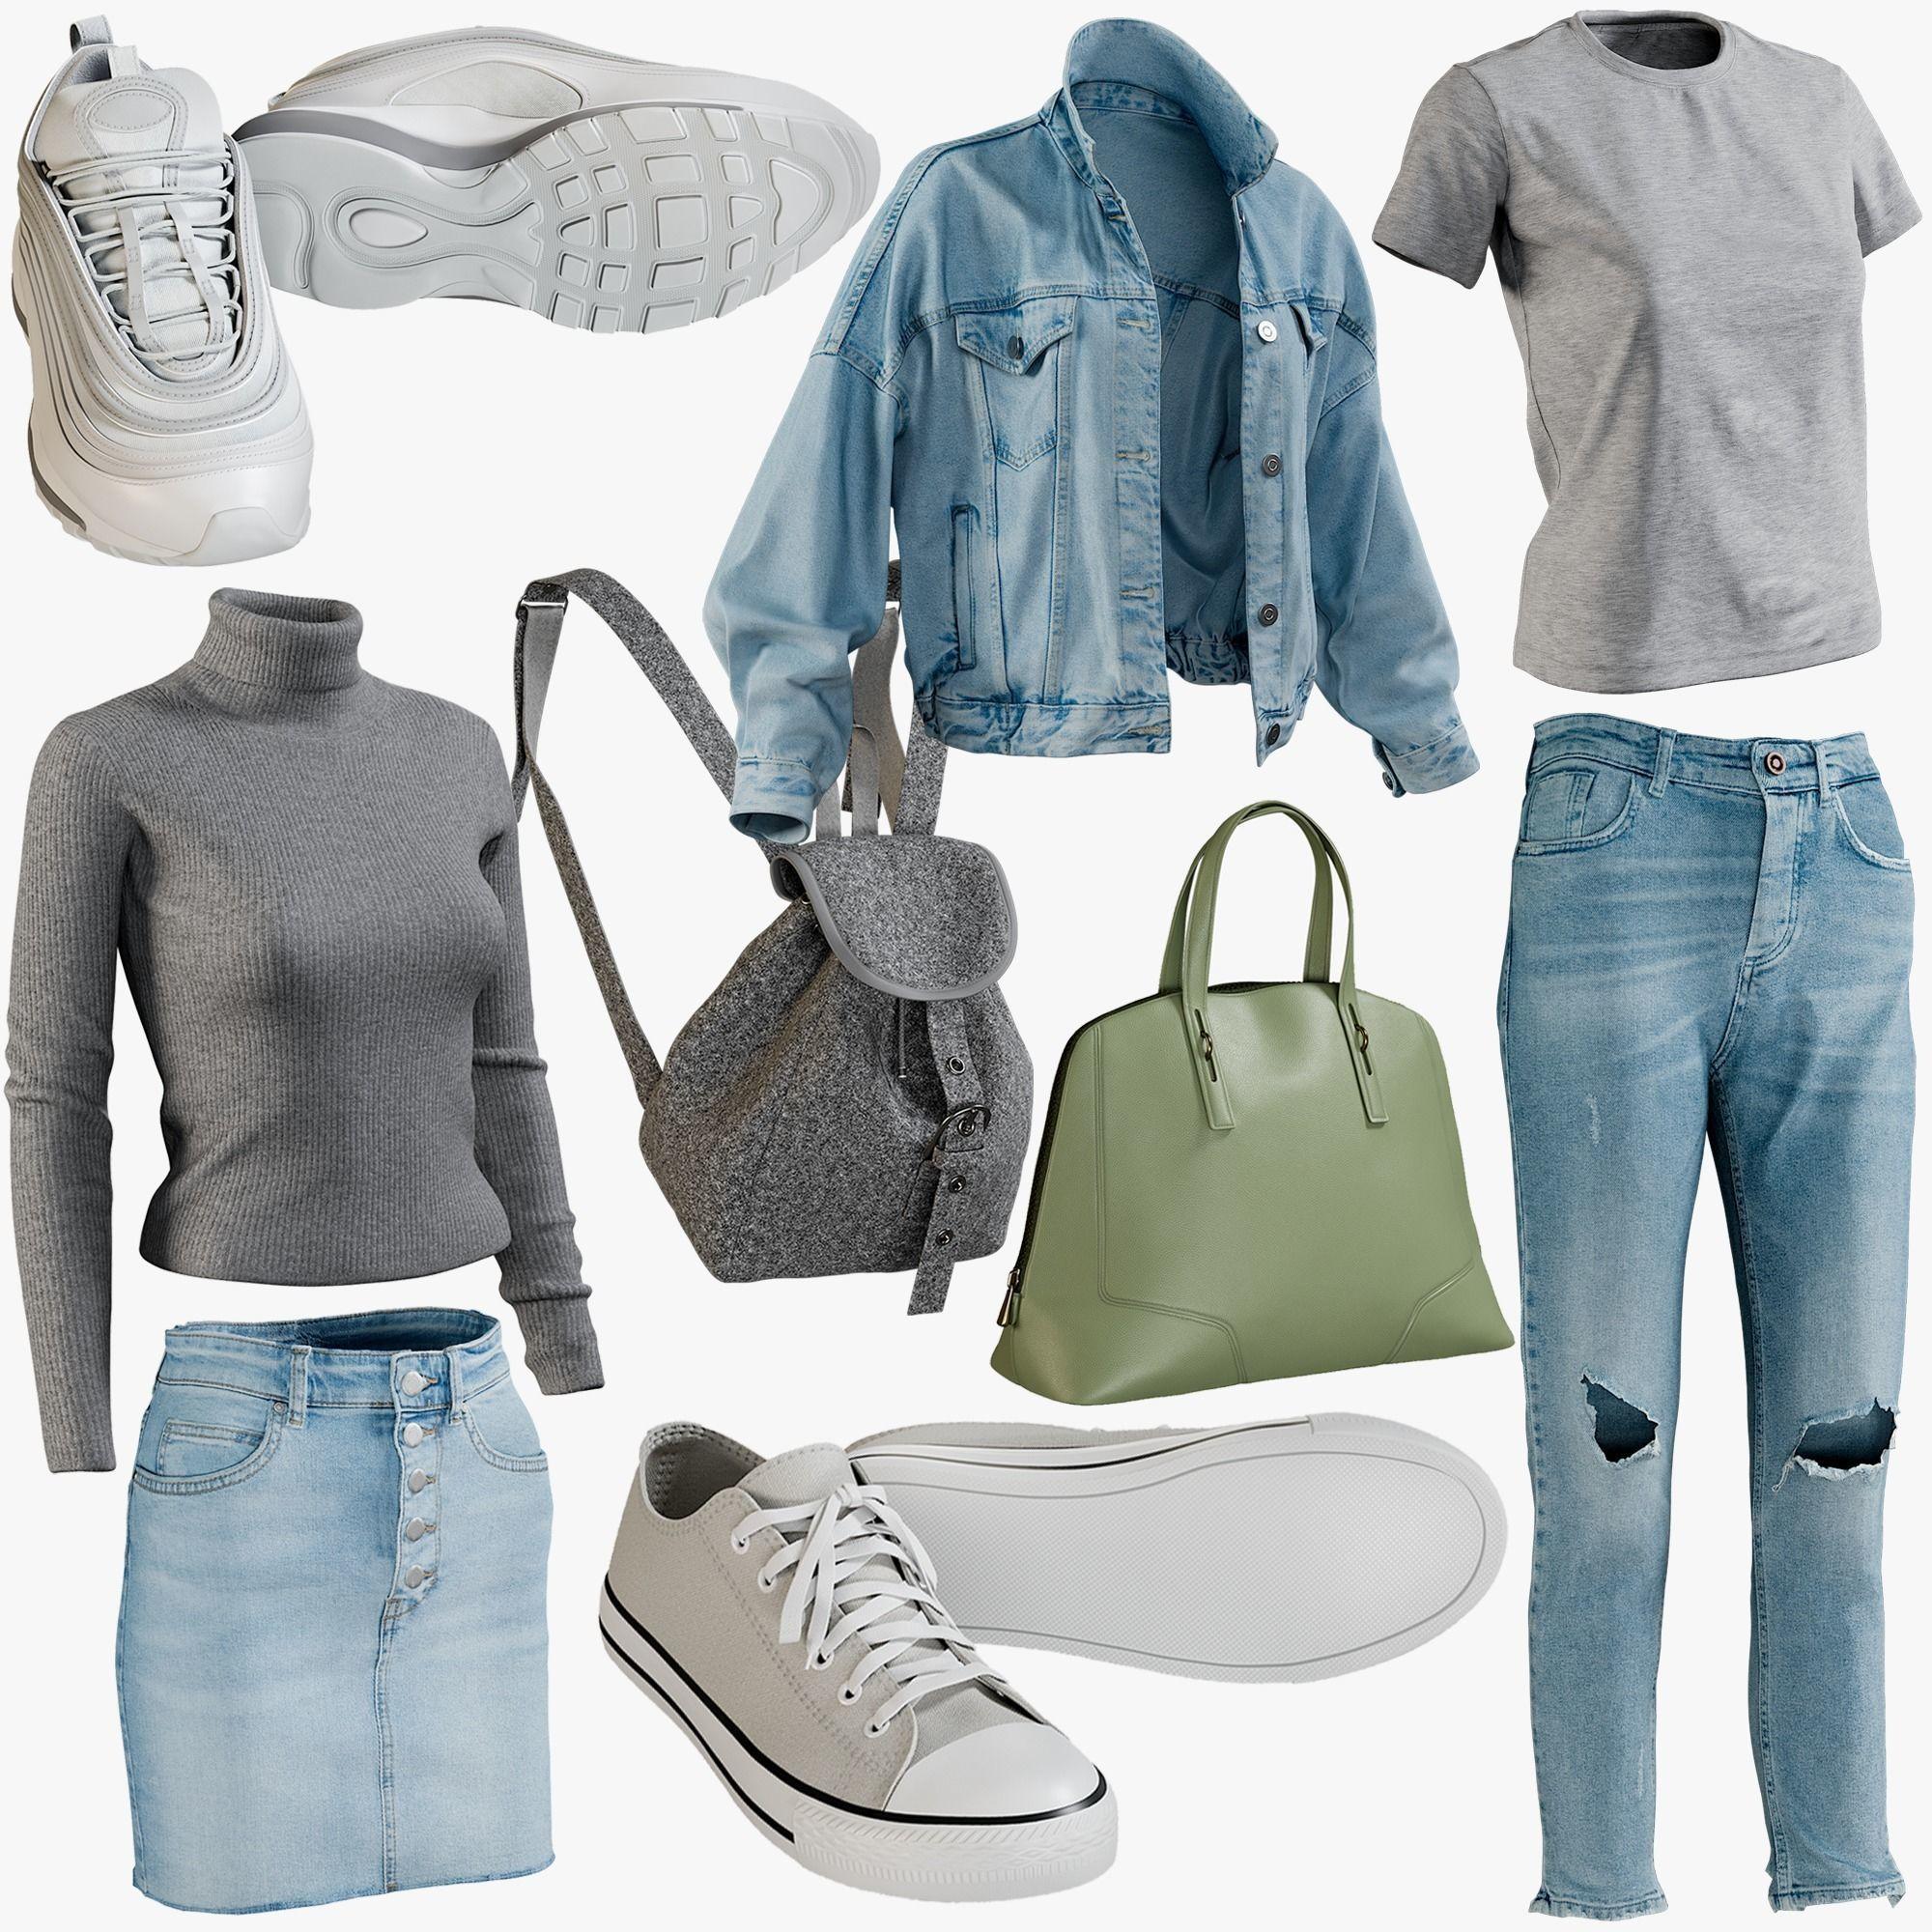 Clothing Mix 13